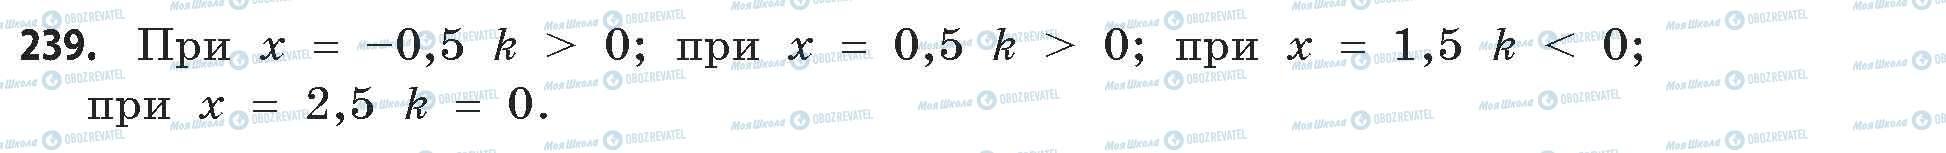 ГДЗ Математика 11 класс страница 239